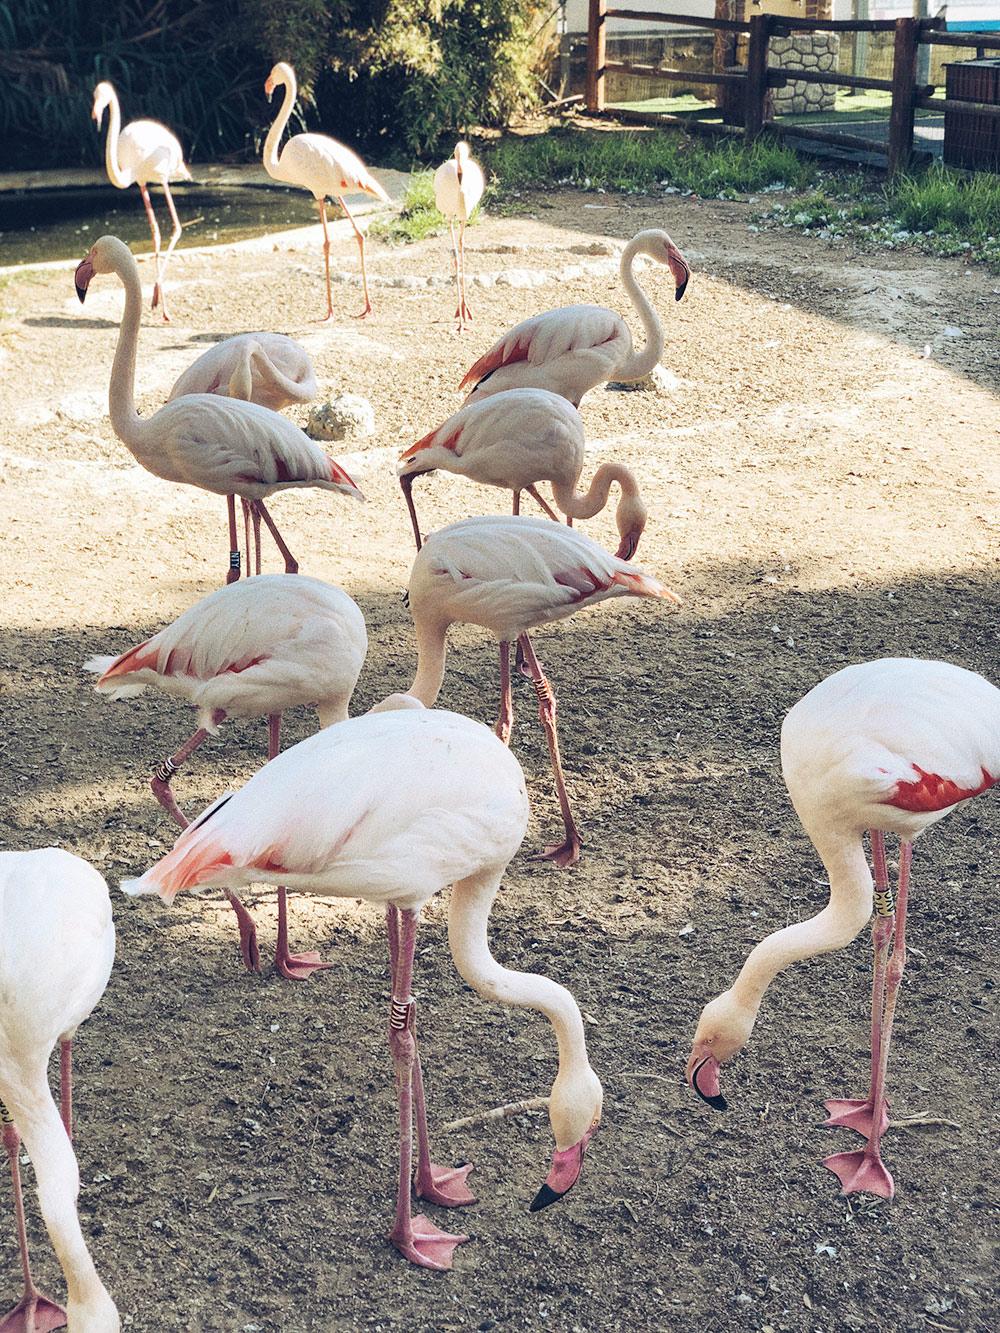 Розовые фламинго живут не только в зоопарке Лимасола, но и прилетают зимовать на соленые озера Лимасола и Ларнаки